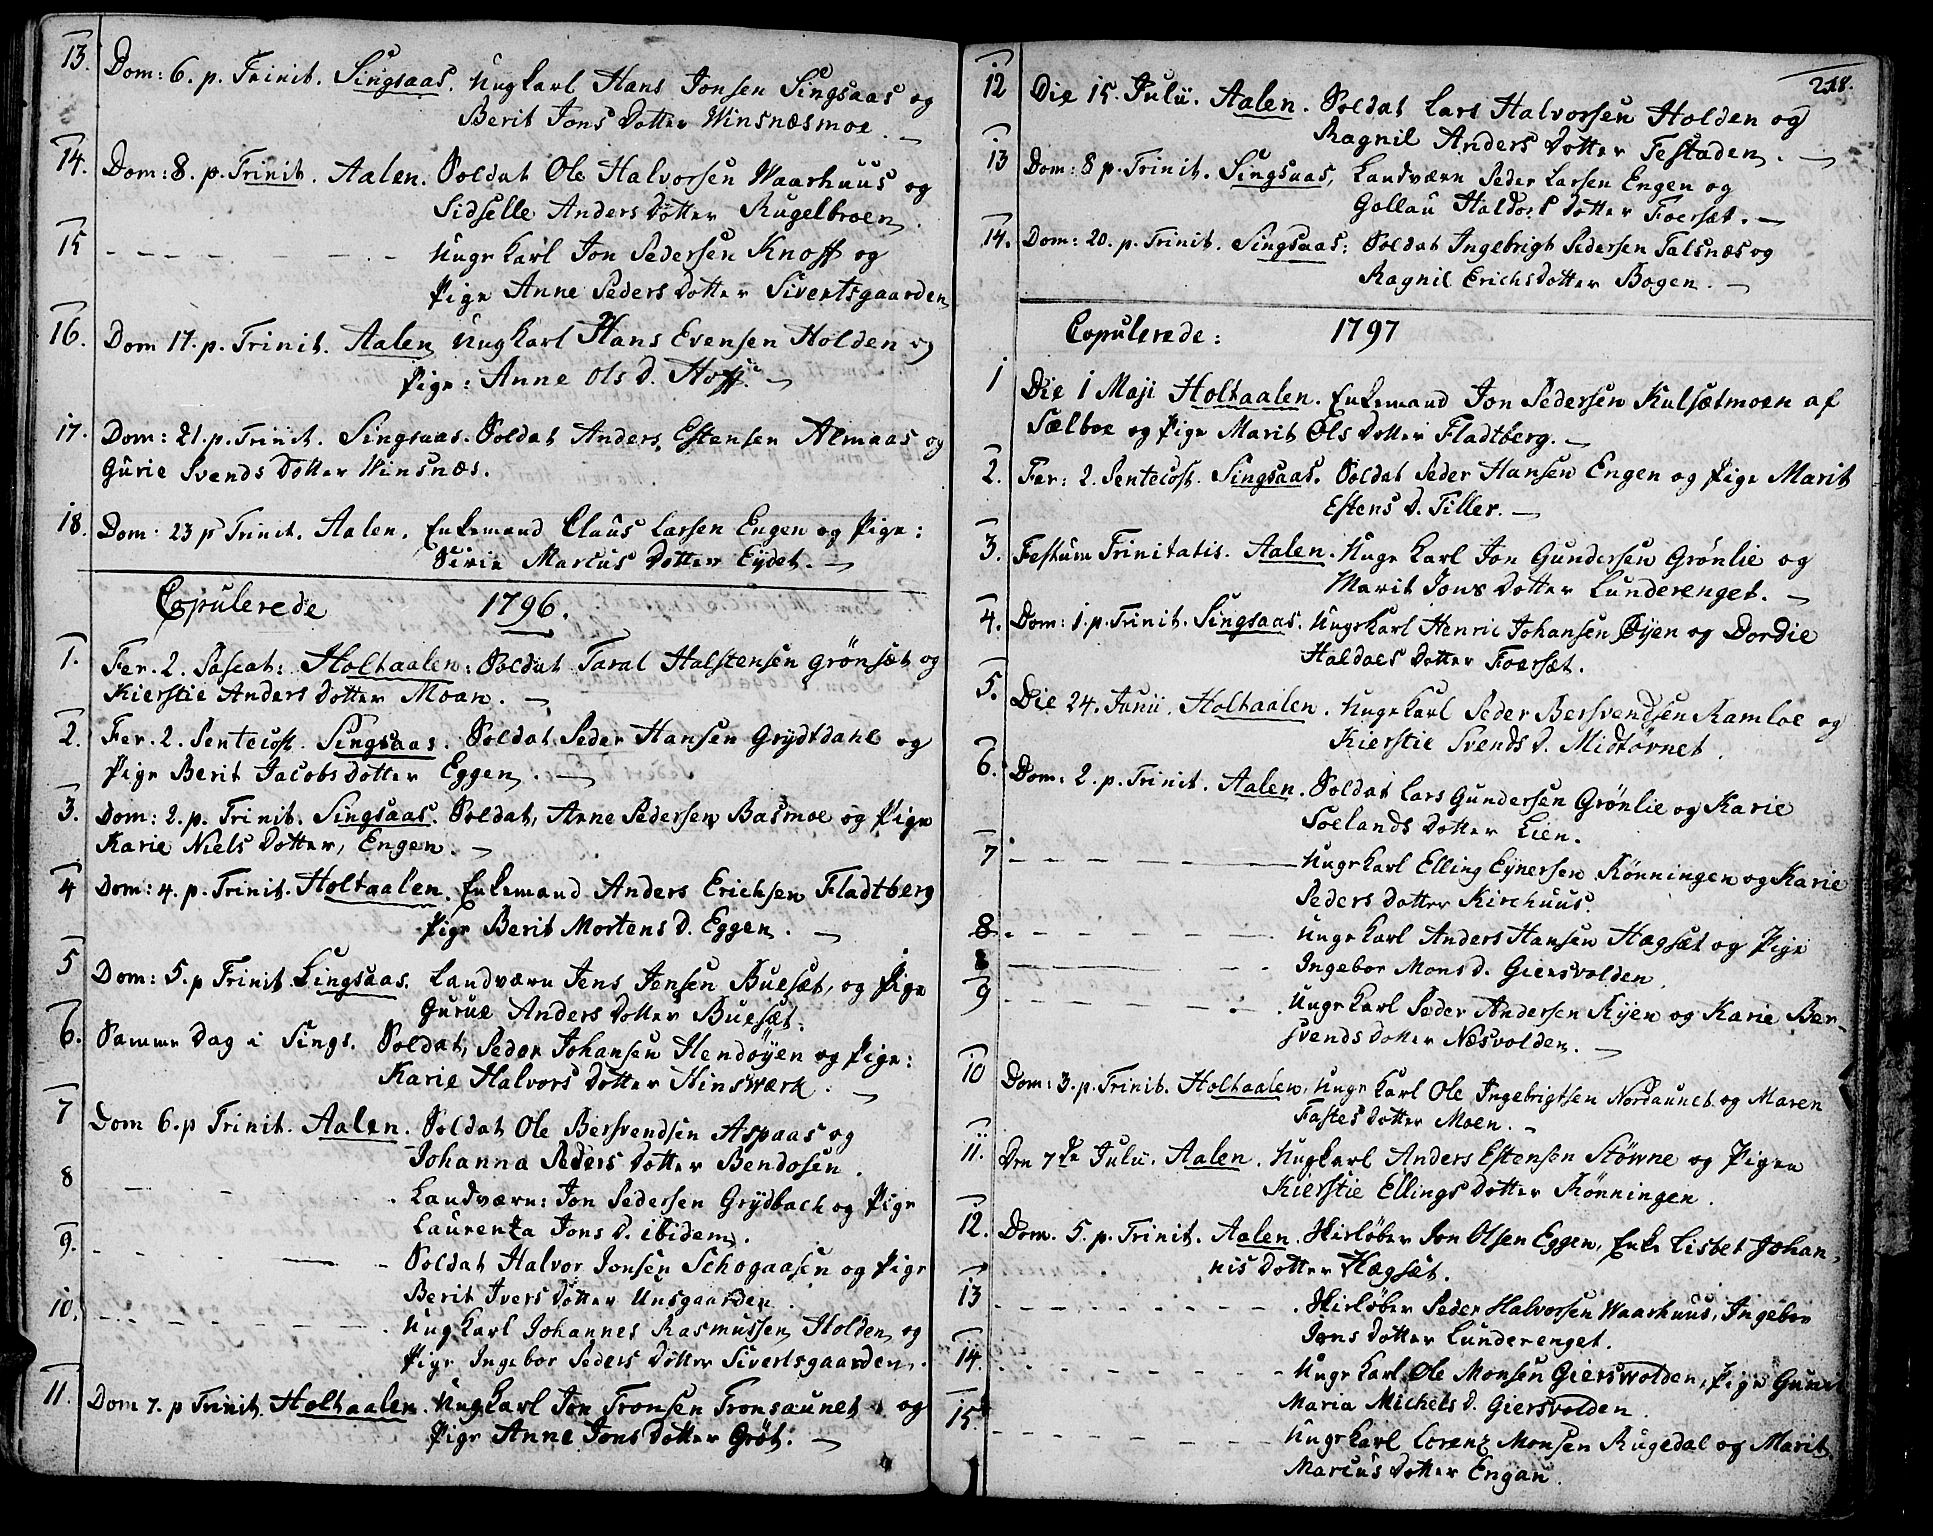 SAT, Ministerialprotokoller, klokkerbøker og fødselsregistre - Sør-Trøndelag, 685/L0952: Ministerialbok nr. 685A01, 1745-1804, s. 218